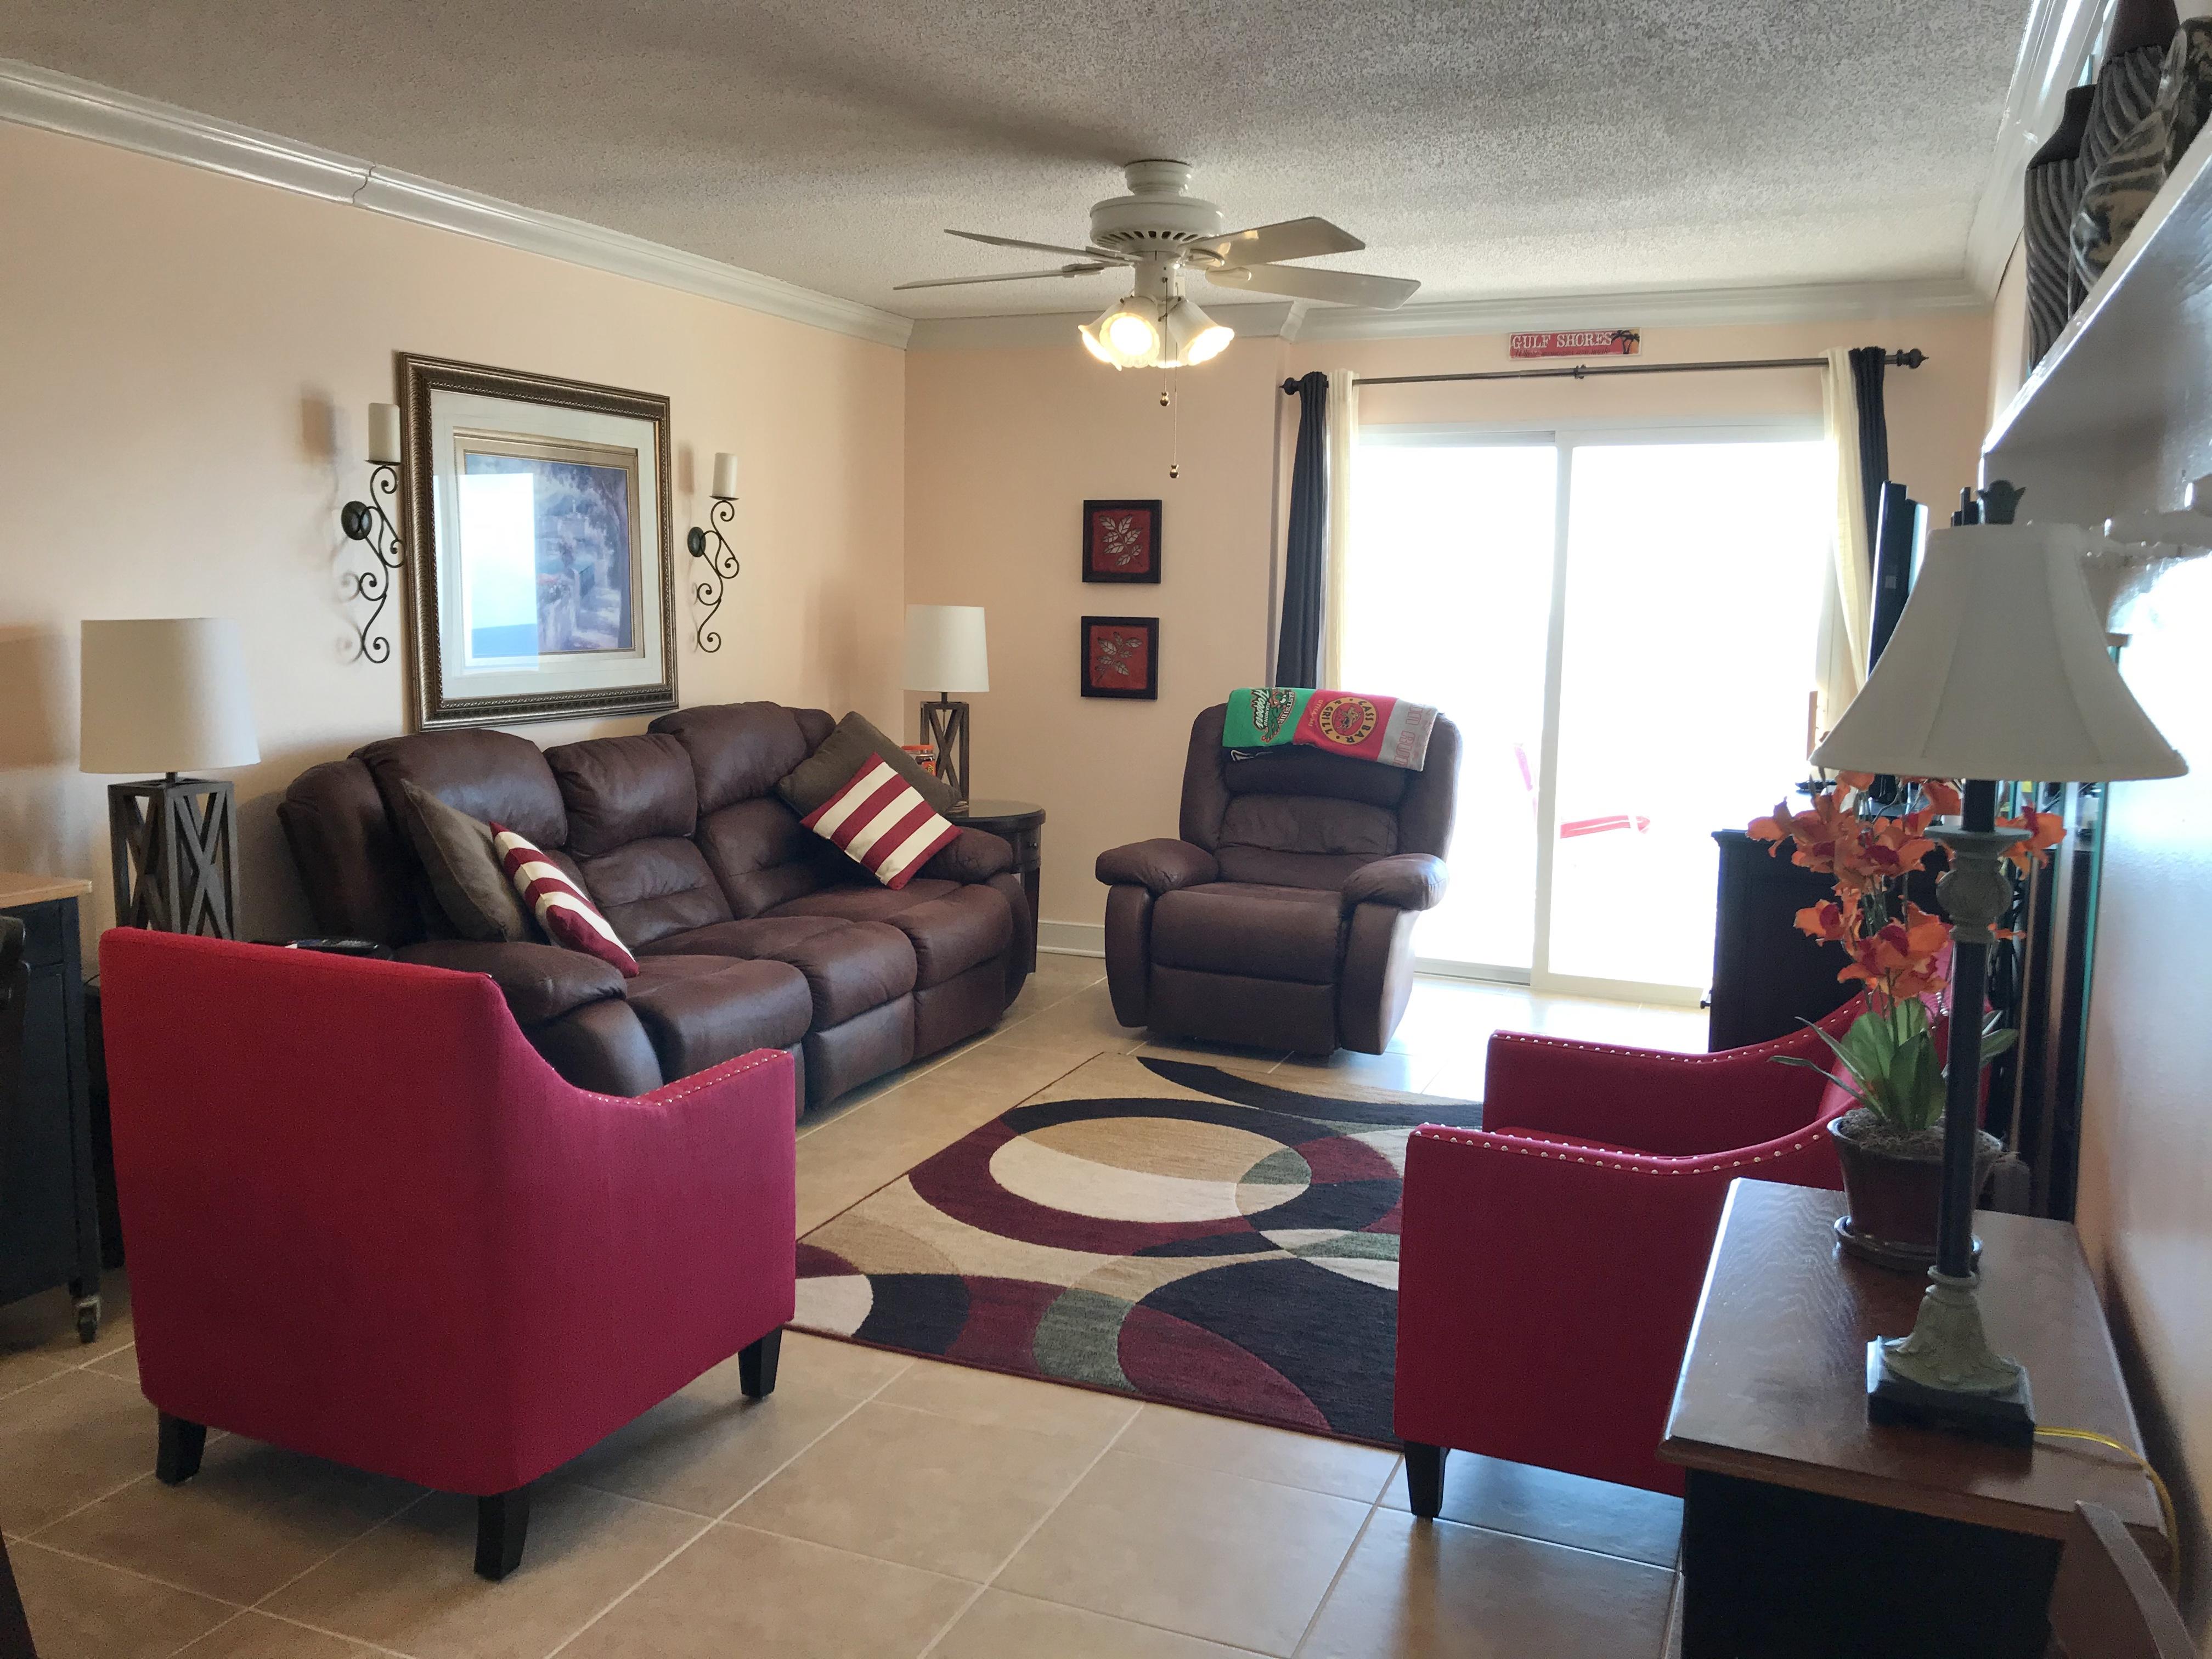 Ocean House 2804 Condo rental in Ocean House - Gulf Shores in Gulf Shores Alabama - #3